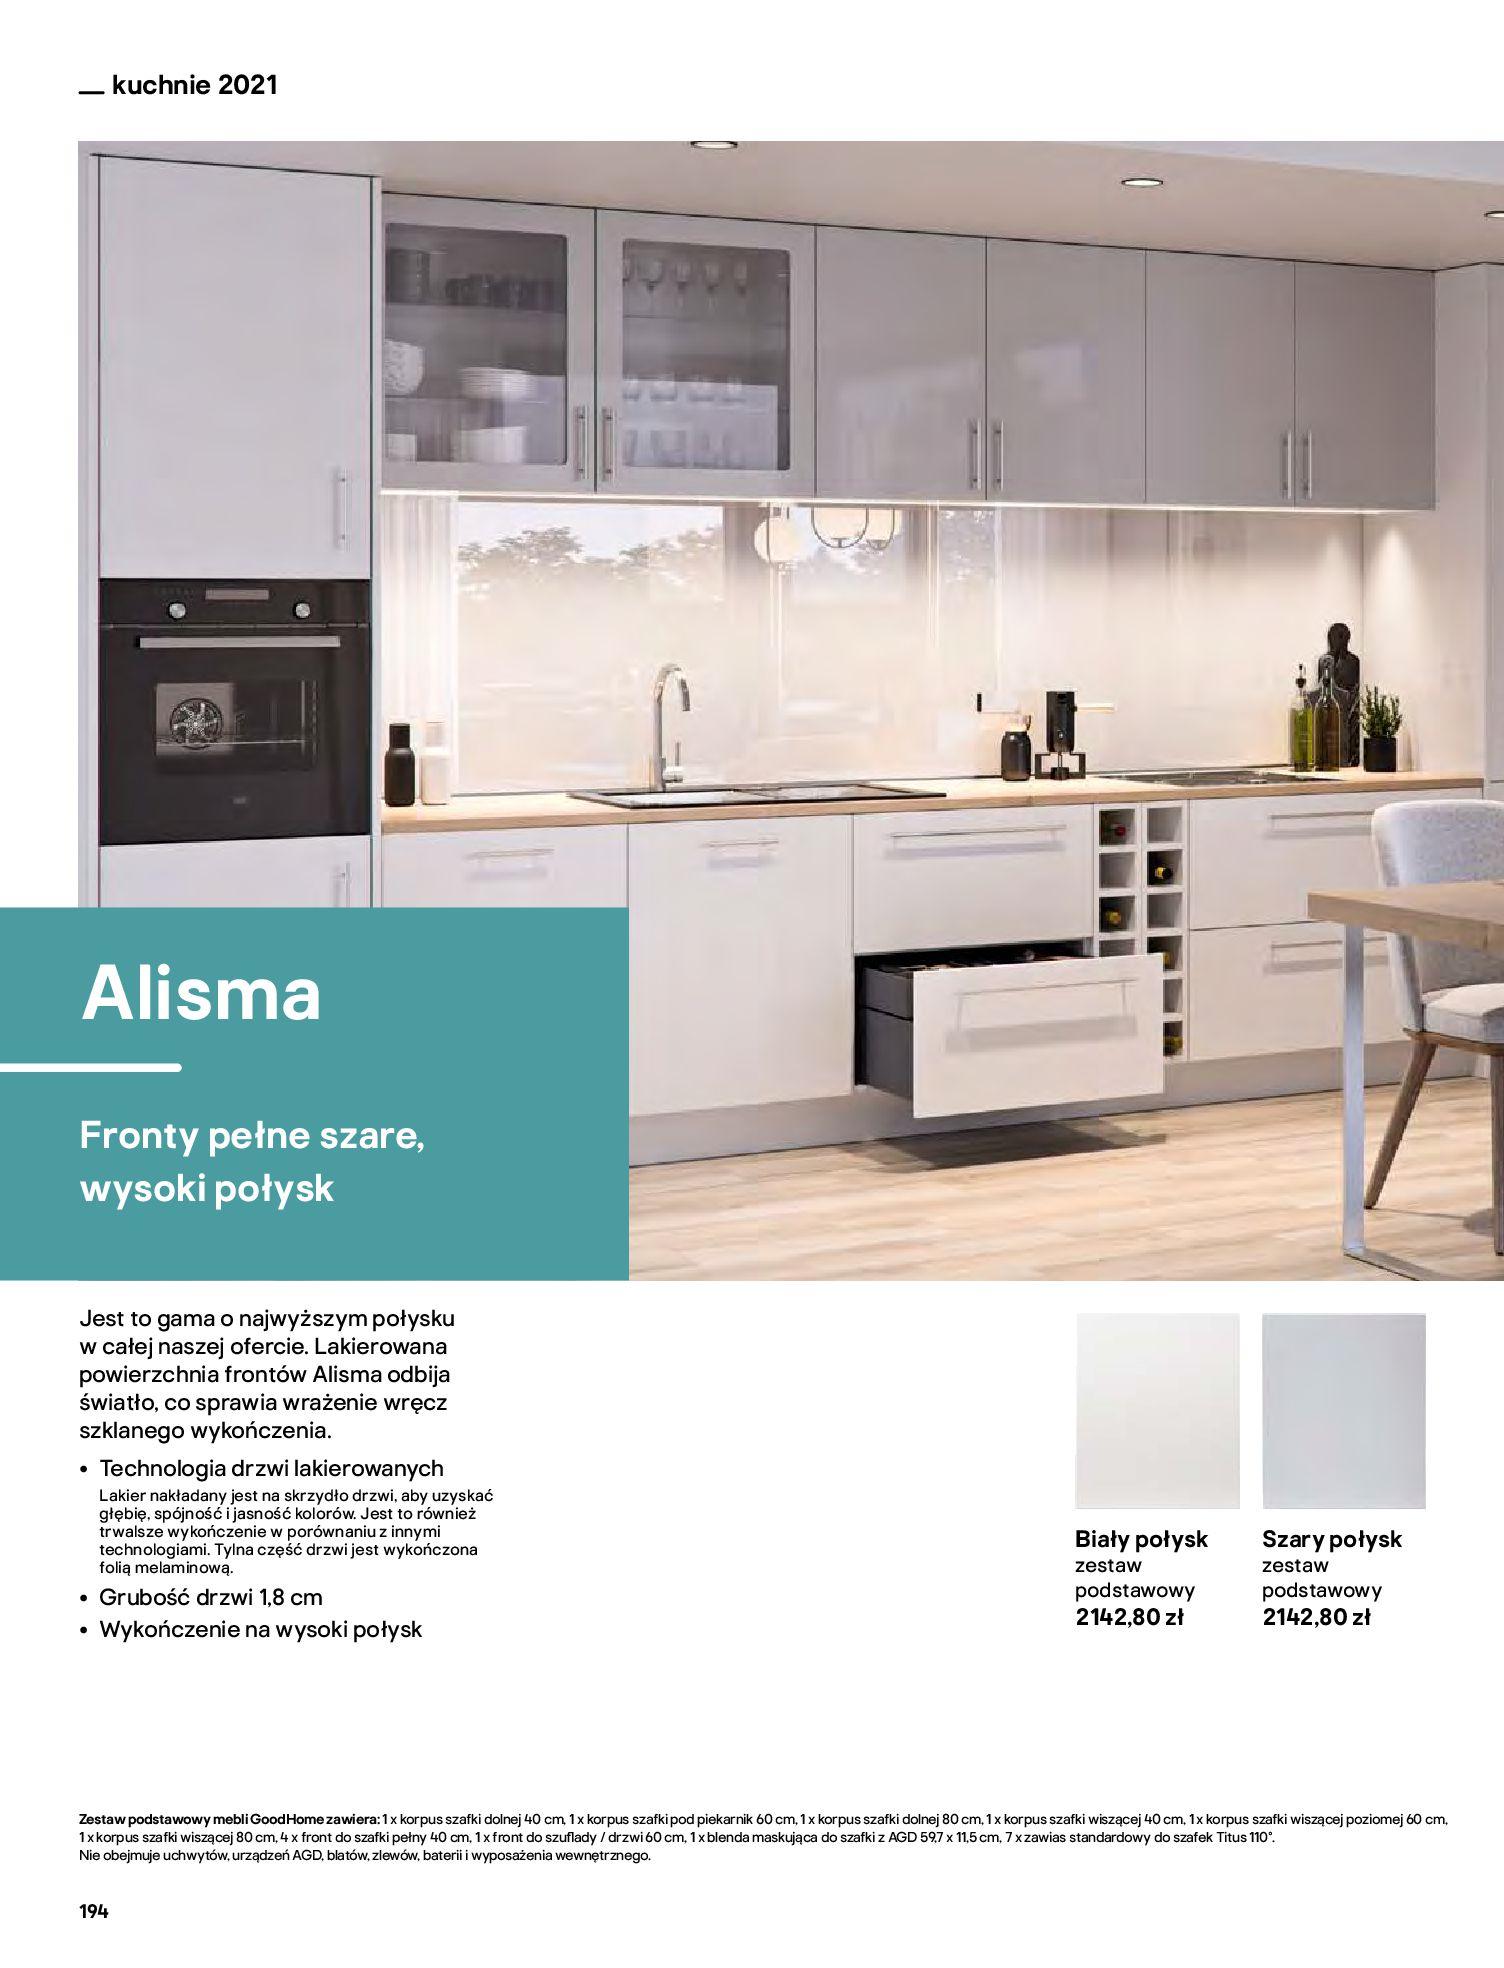 Gazetka Castorama: Katalog kuchnie 2021 2021-05-04 page-194